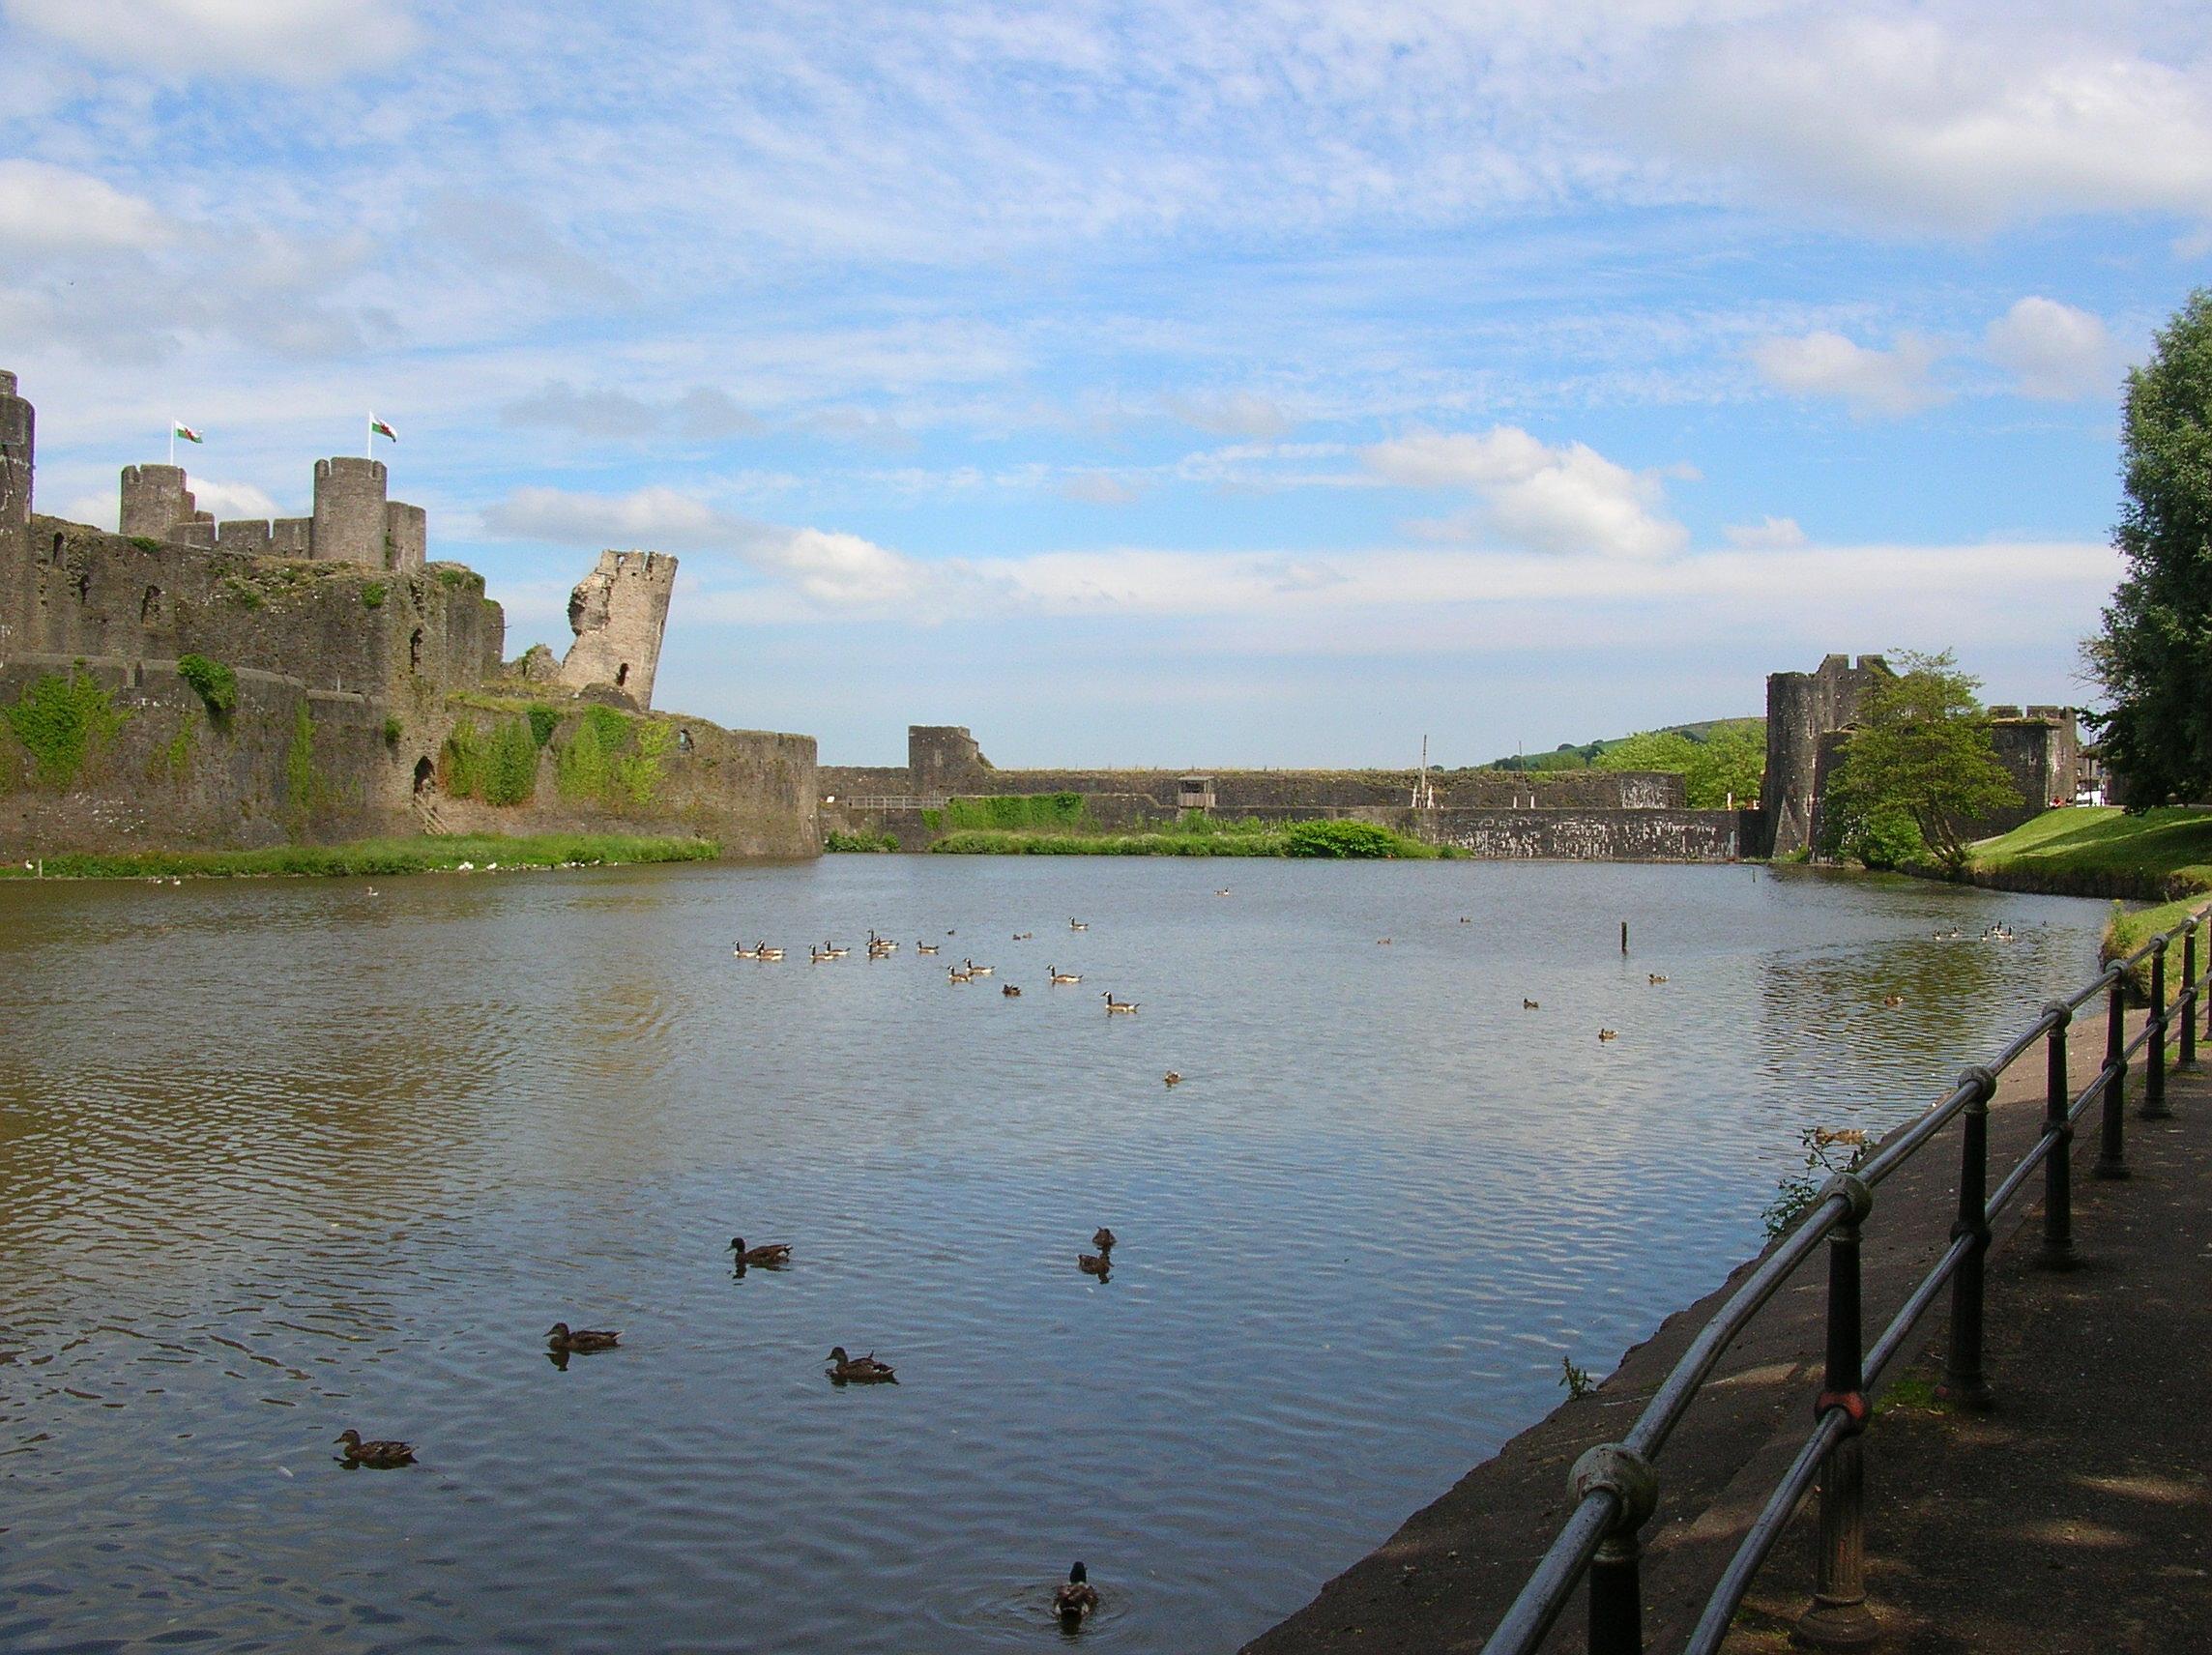 Il castello di Caerphilly (17)